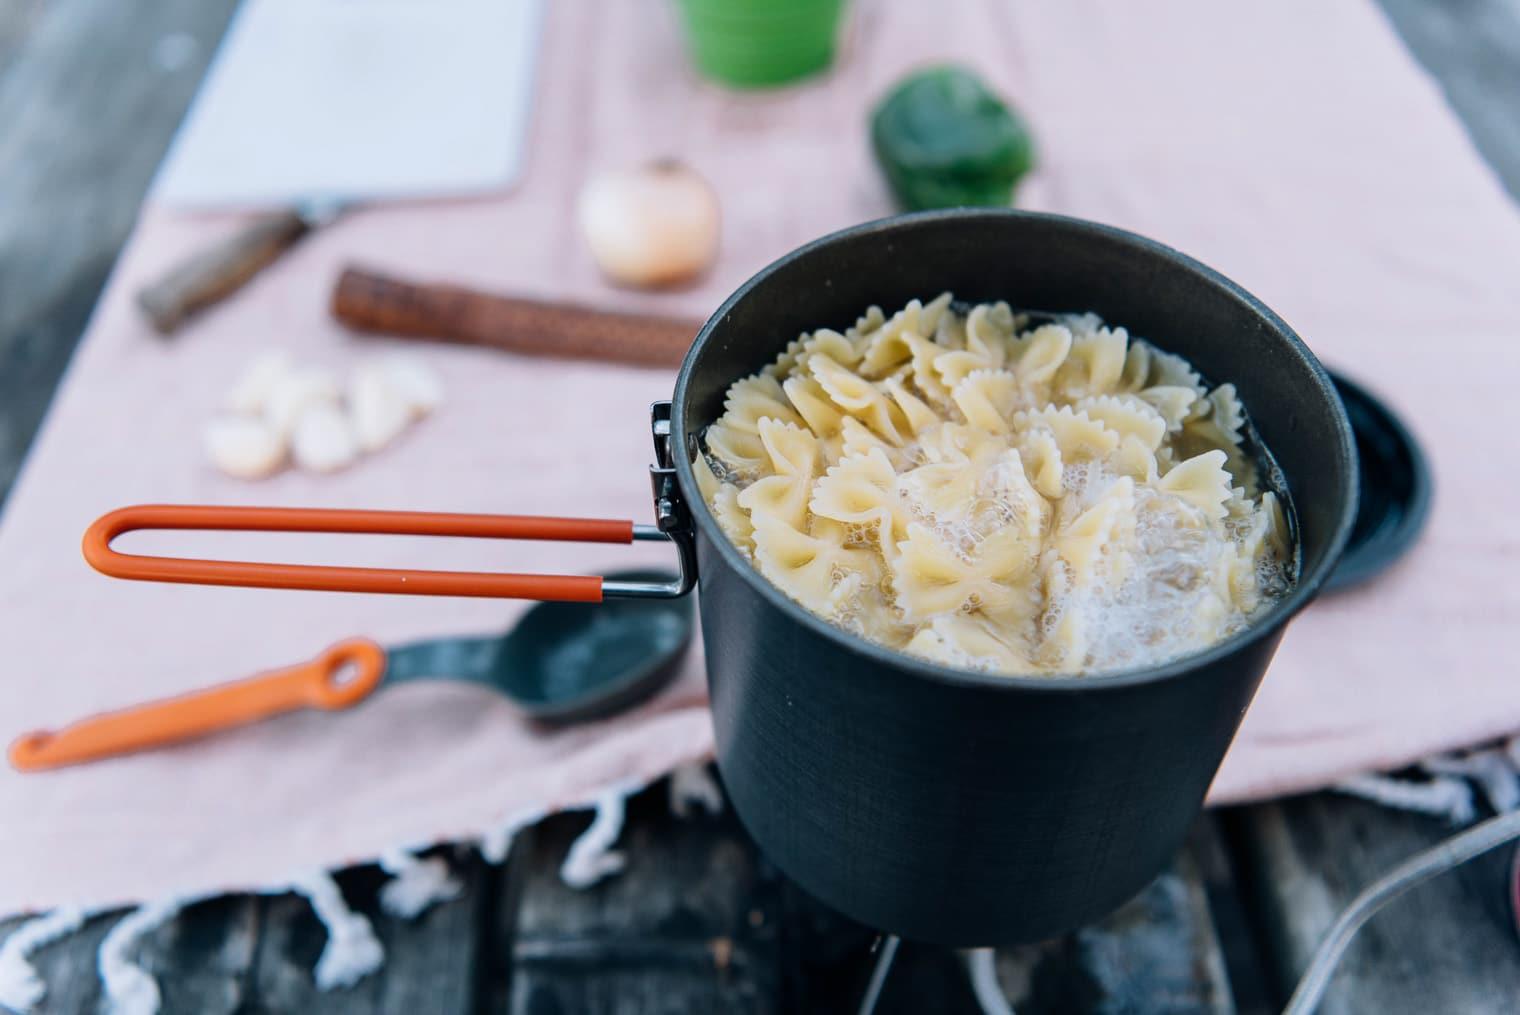 A camp pot of pasta